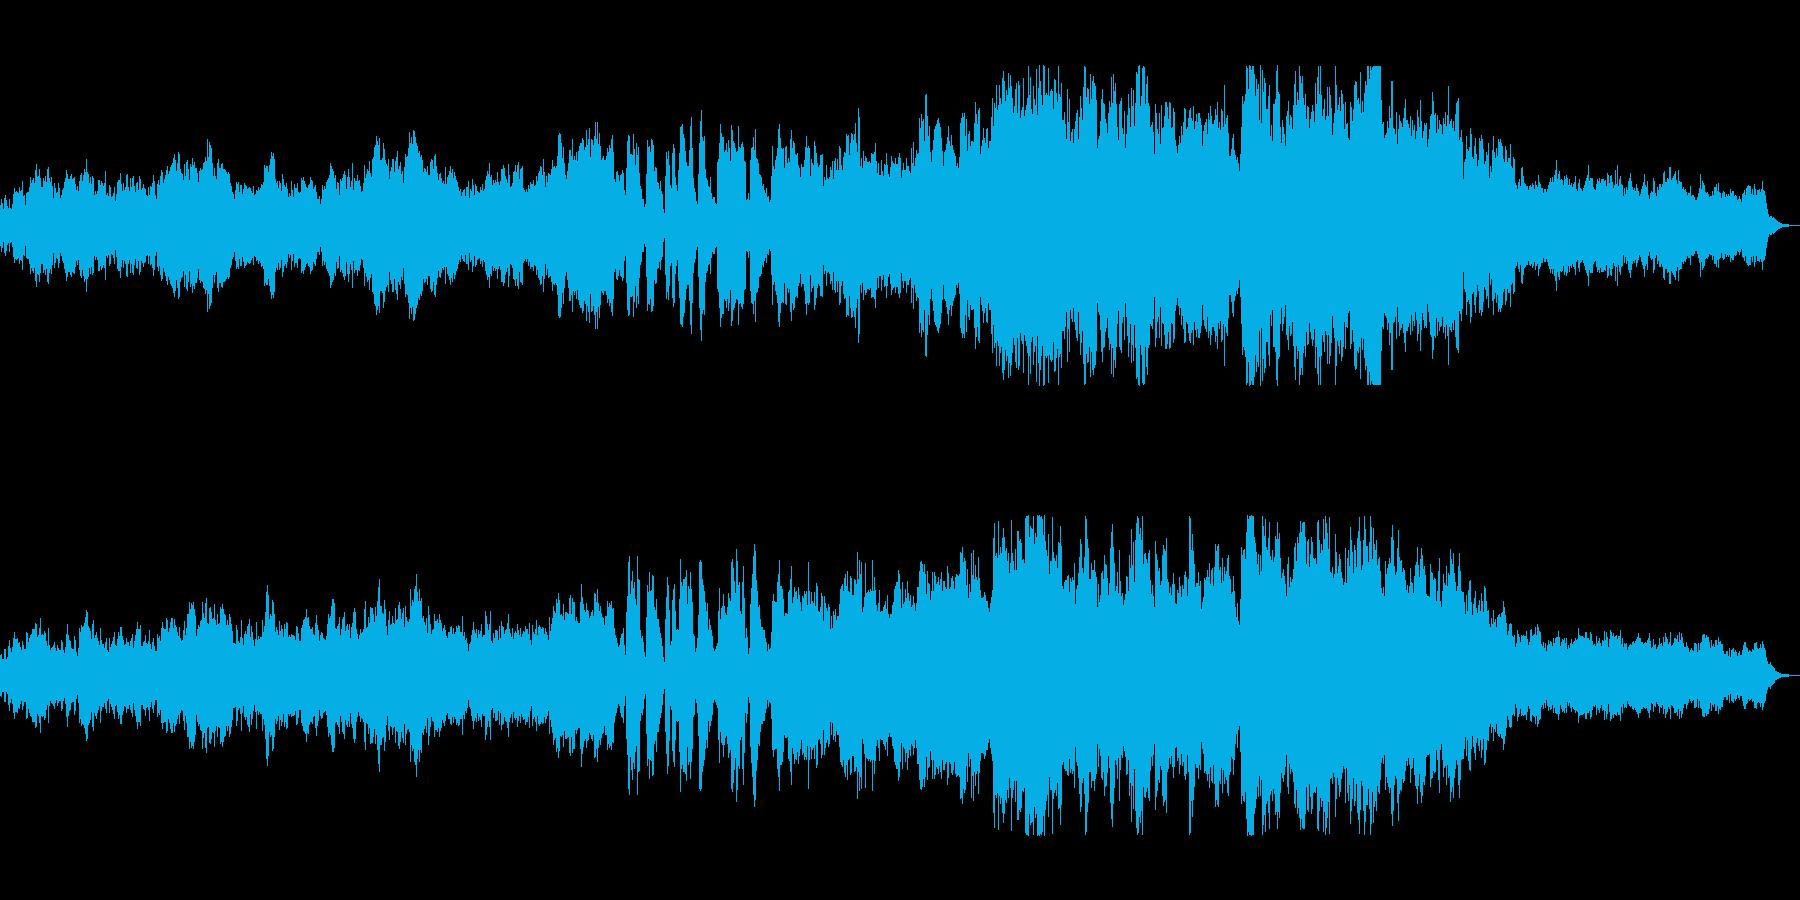 ゆったりとした幻想的なイージーリスニングの再生済みの波形